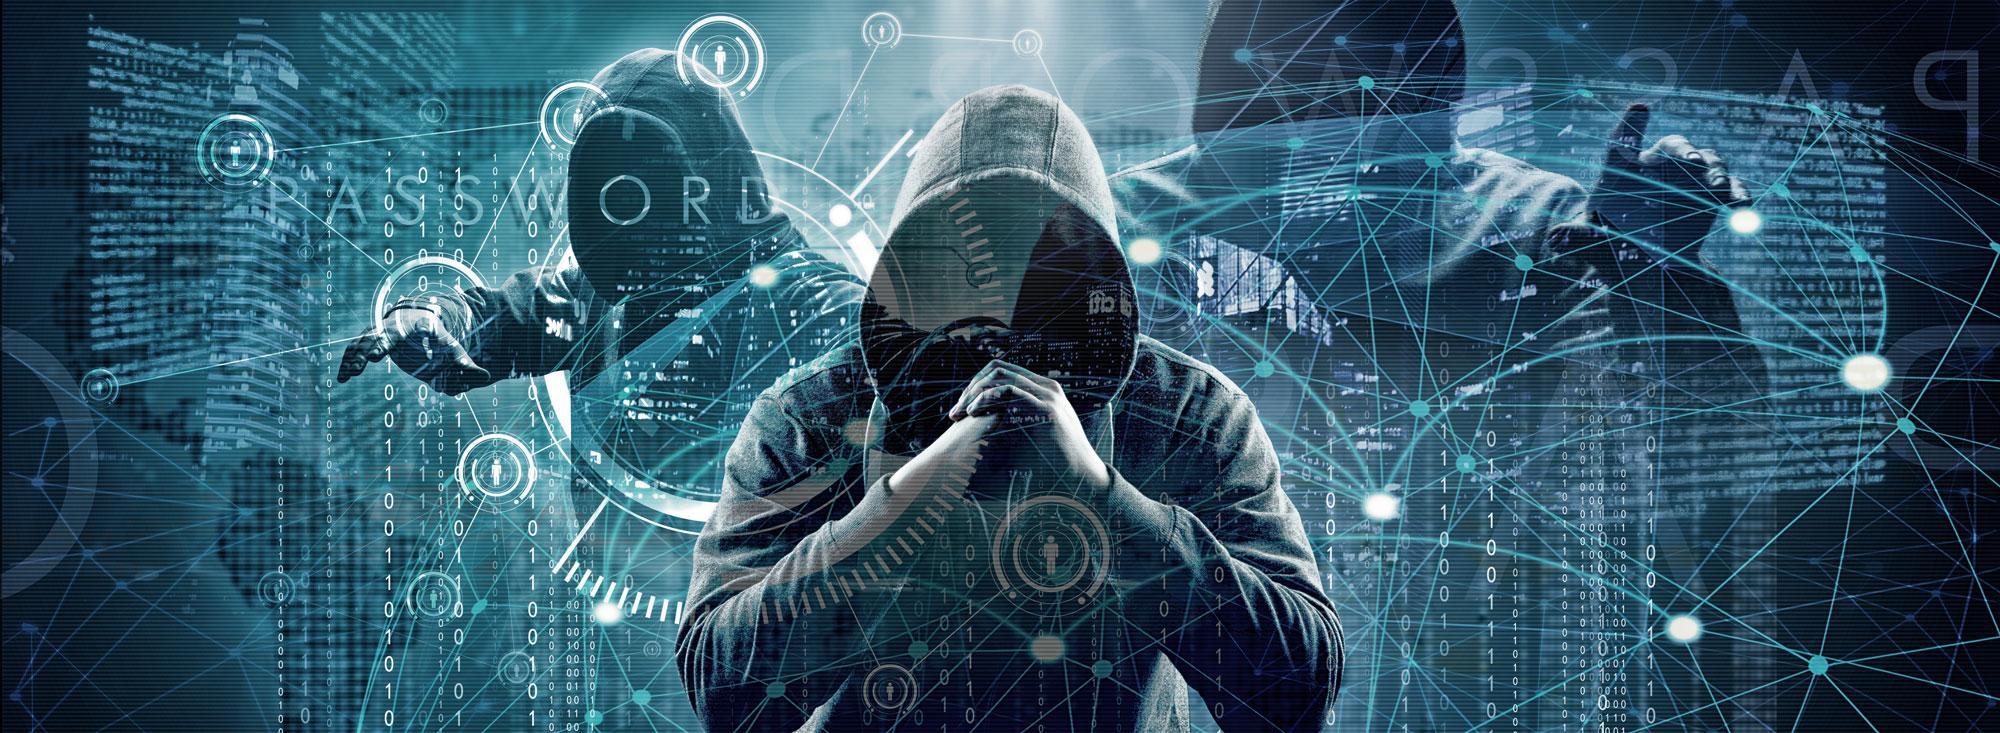 Emotet besiegt, Cyber-Crime aber weiter auf Vormarsch